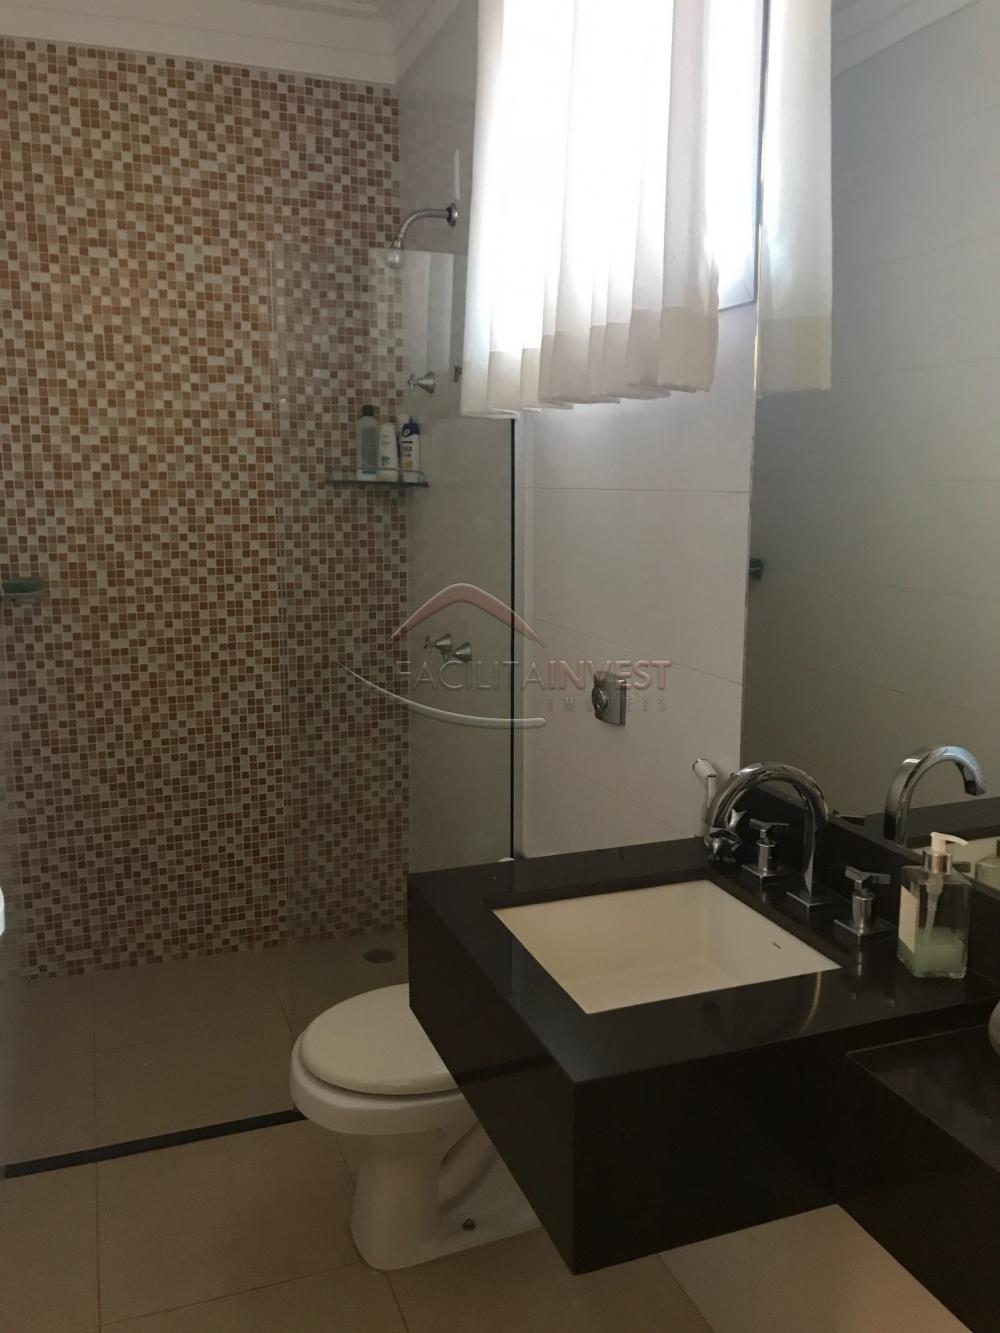 Alugar Chácaras em condomínio / Chácara em condomínio em Ribeirão Preto apenas R$ 7.000,00 - Foto 8